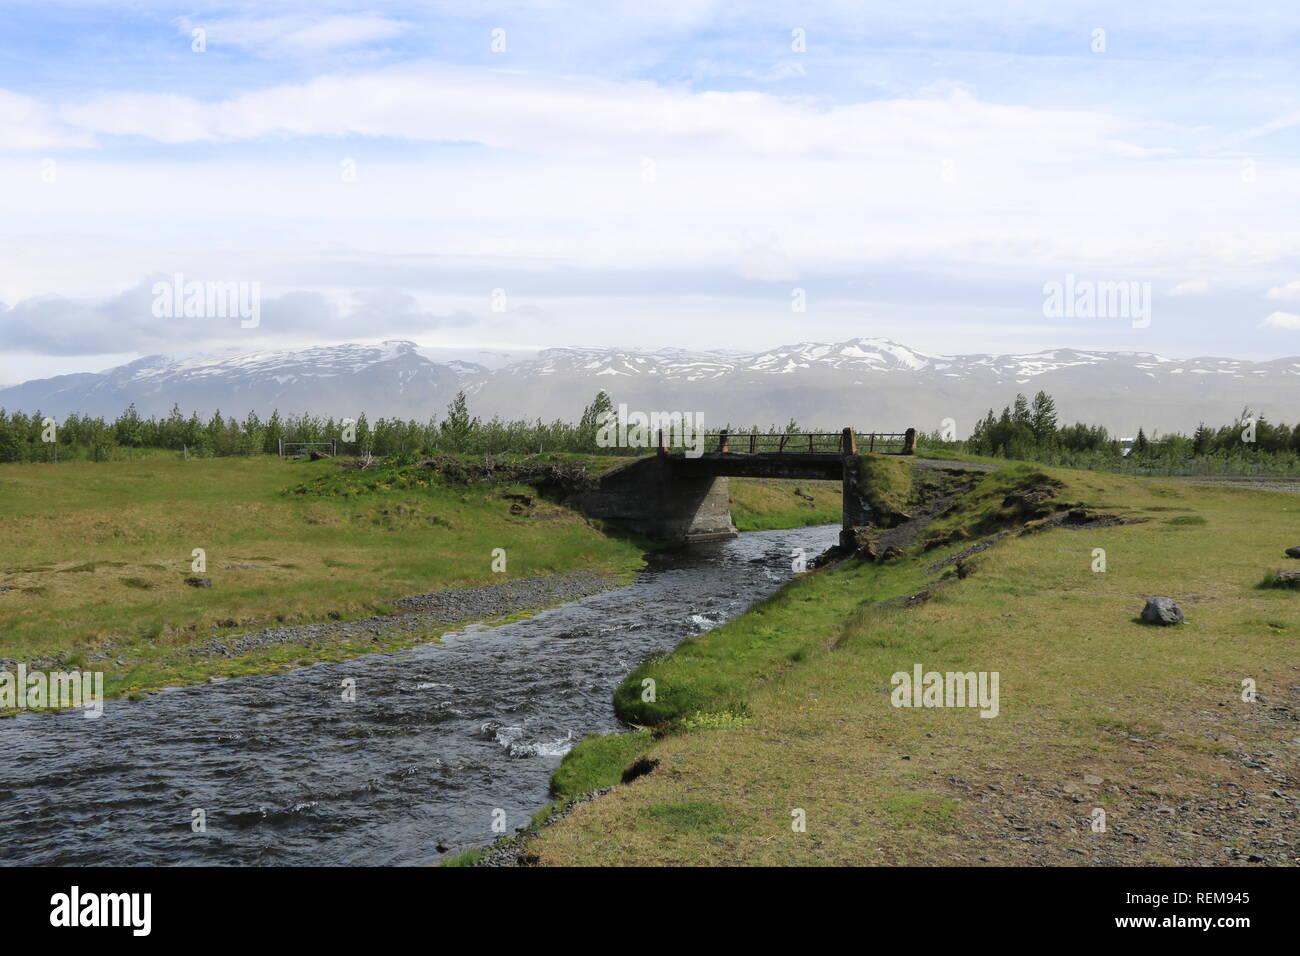 Brücke über Fluss mit Schnee und Bergen im Hintergrund in Island Stockbild